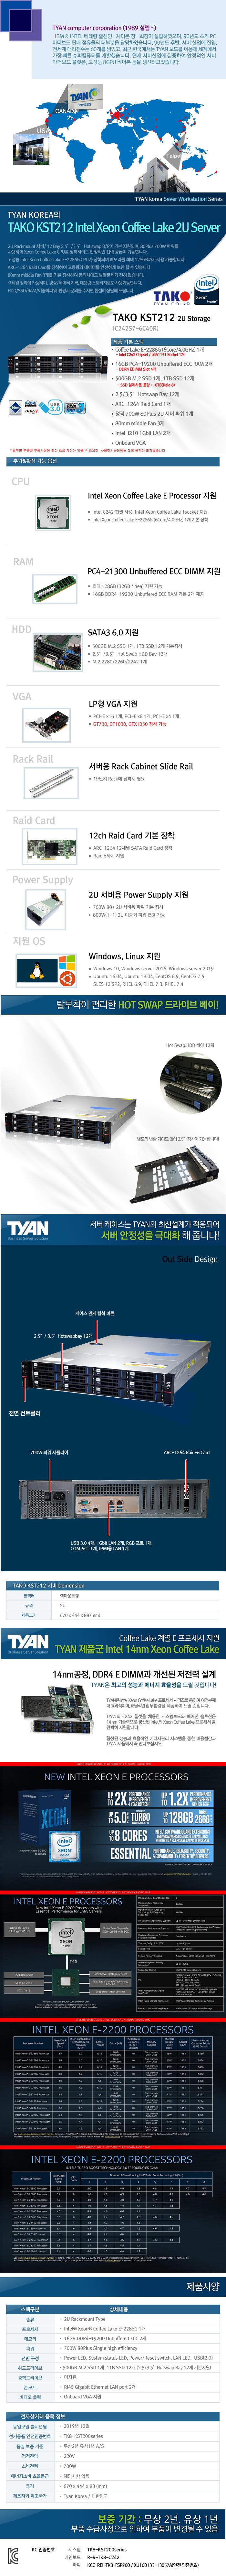 TYAN TAKO-KST212-(C242S7-6C40R) (32GB, M2 500GB + SSD 10TB)